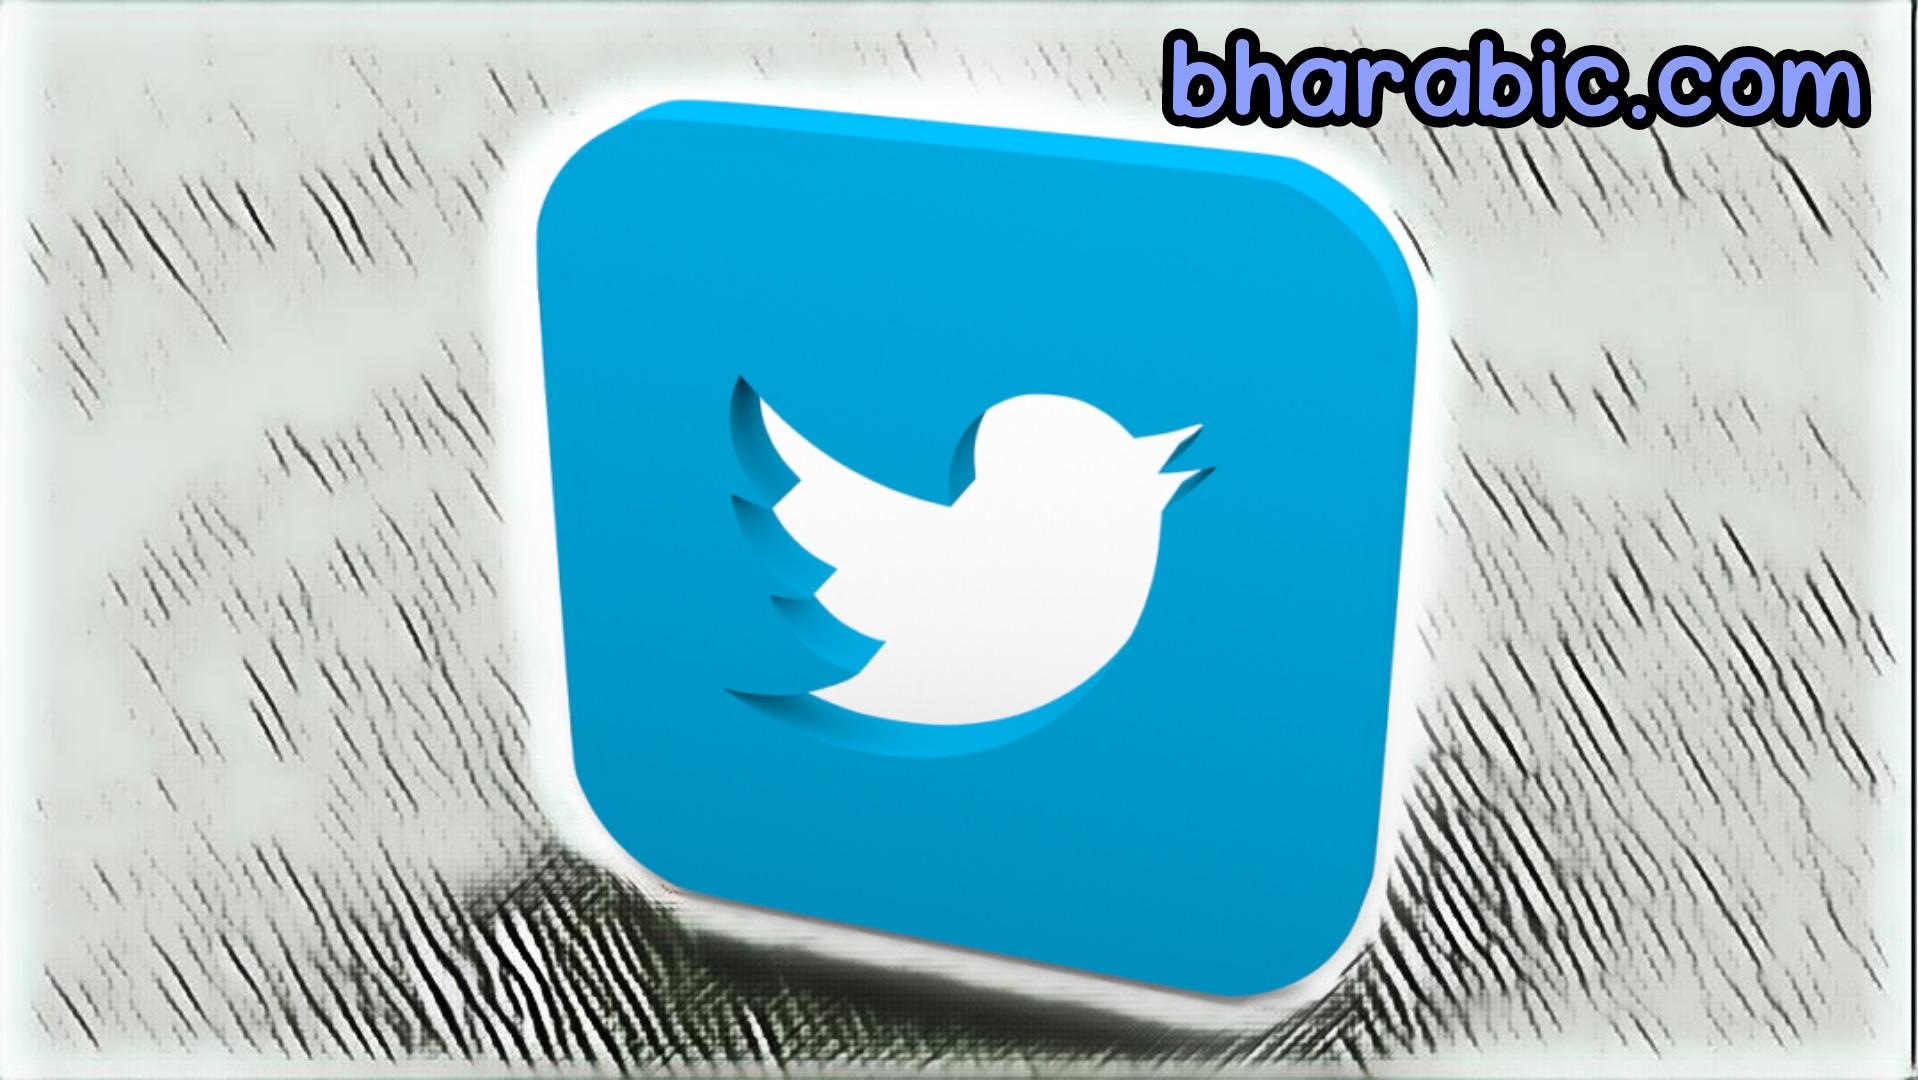 تويتر تعمل على خاصية تسمح بأرشفة التغريدات بعد فترة من نشرها